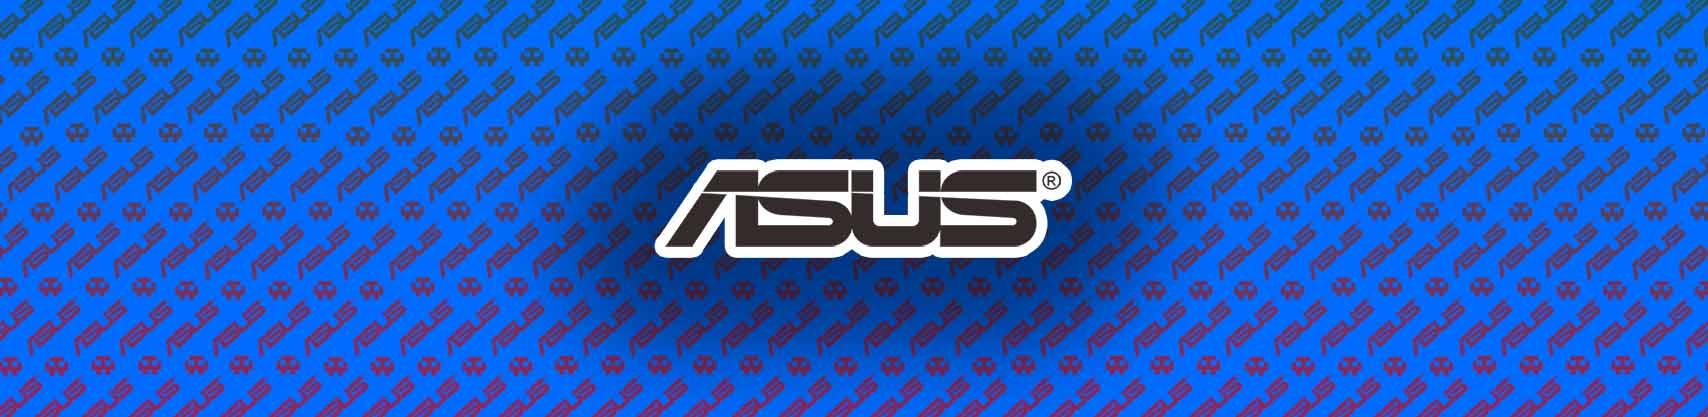 Asus RT-AC1200 Manual